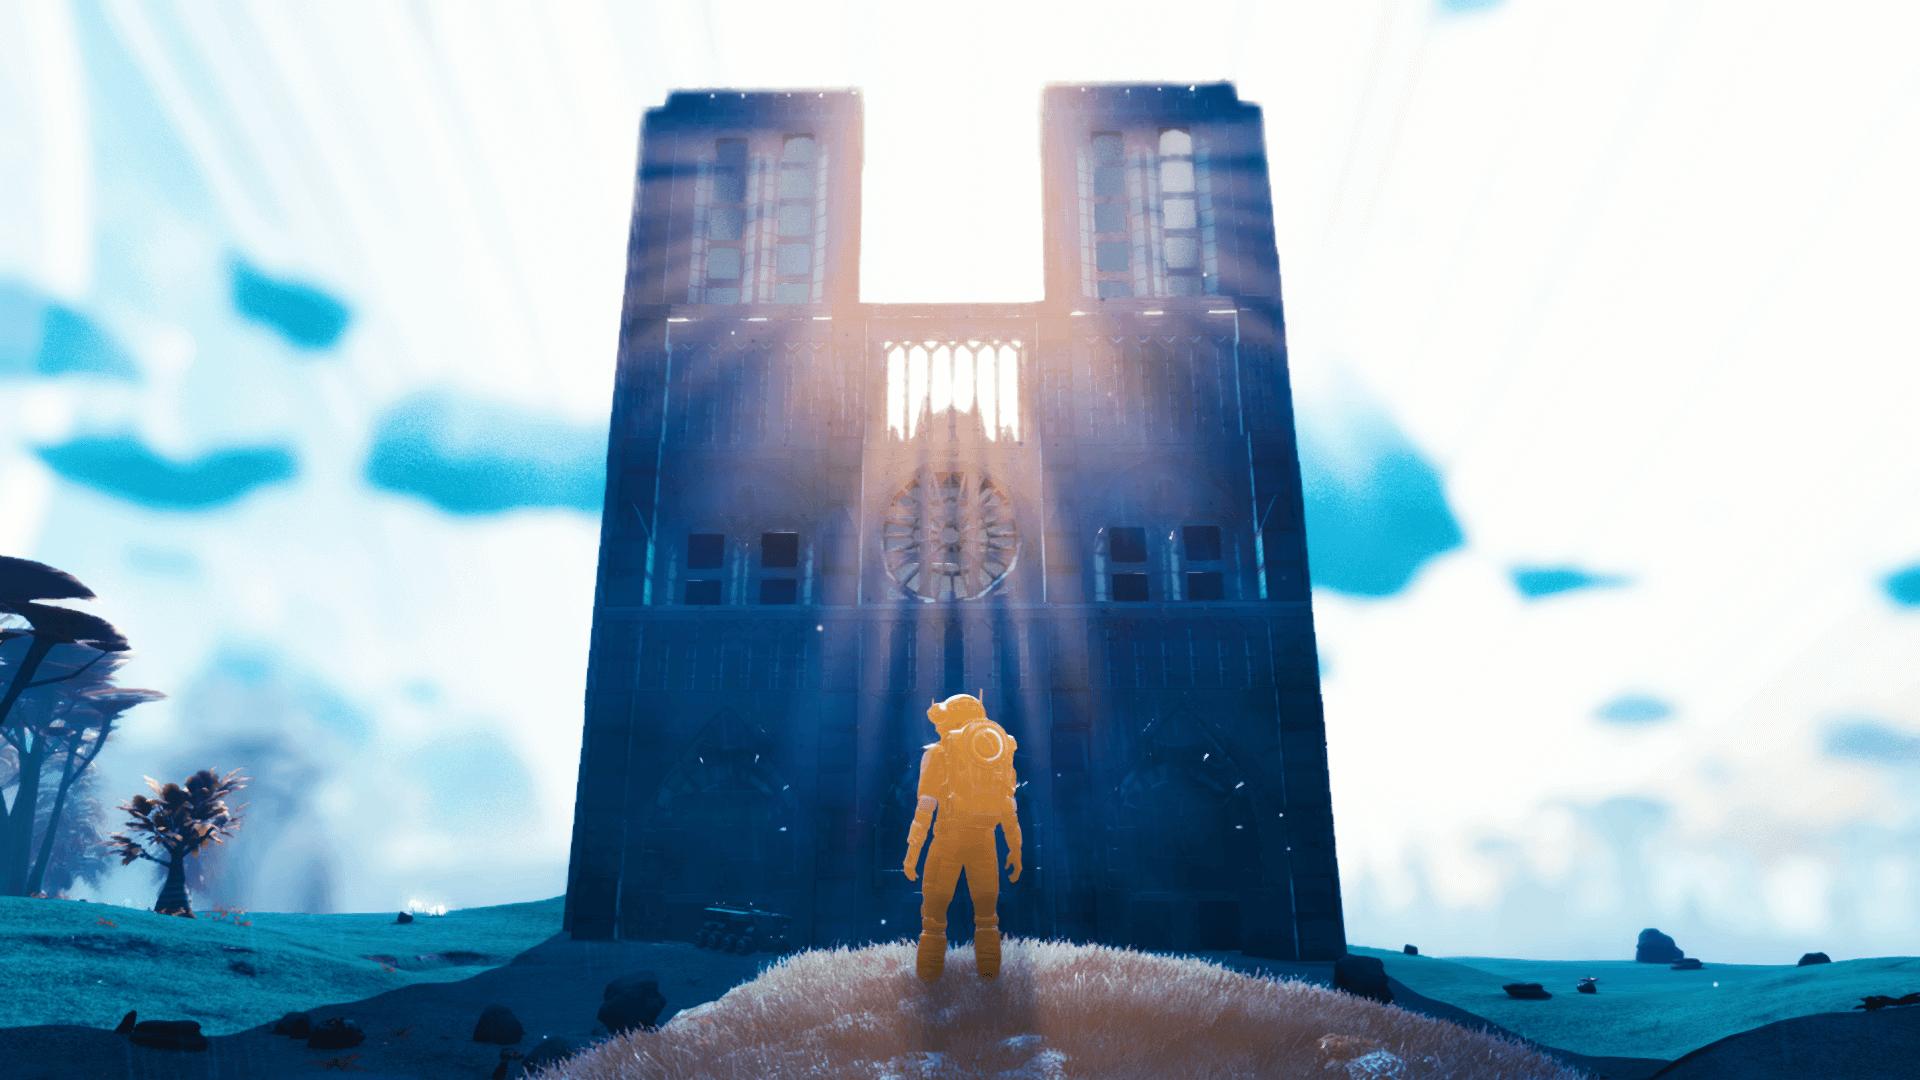 为了表达惋惜之情,�家在《无人深空》中�建了巴�圣�院�塔